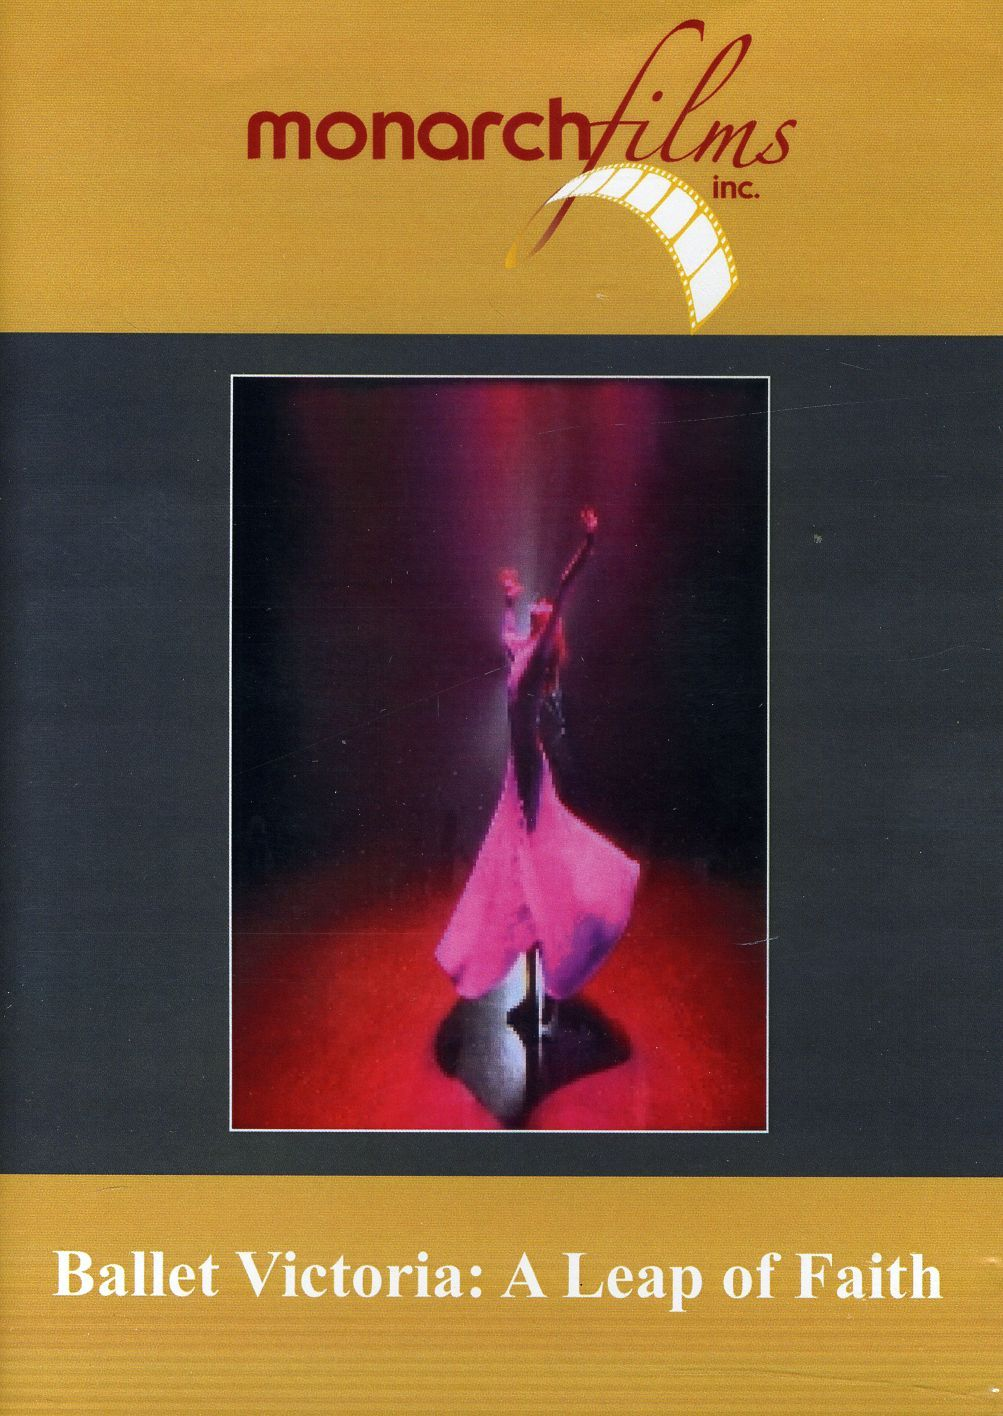 Ballet Victoria: A Leap of Faith